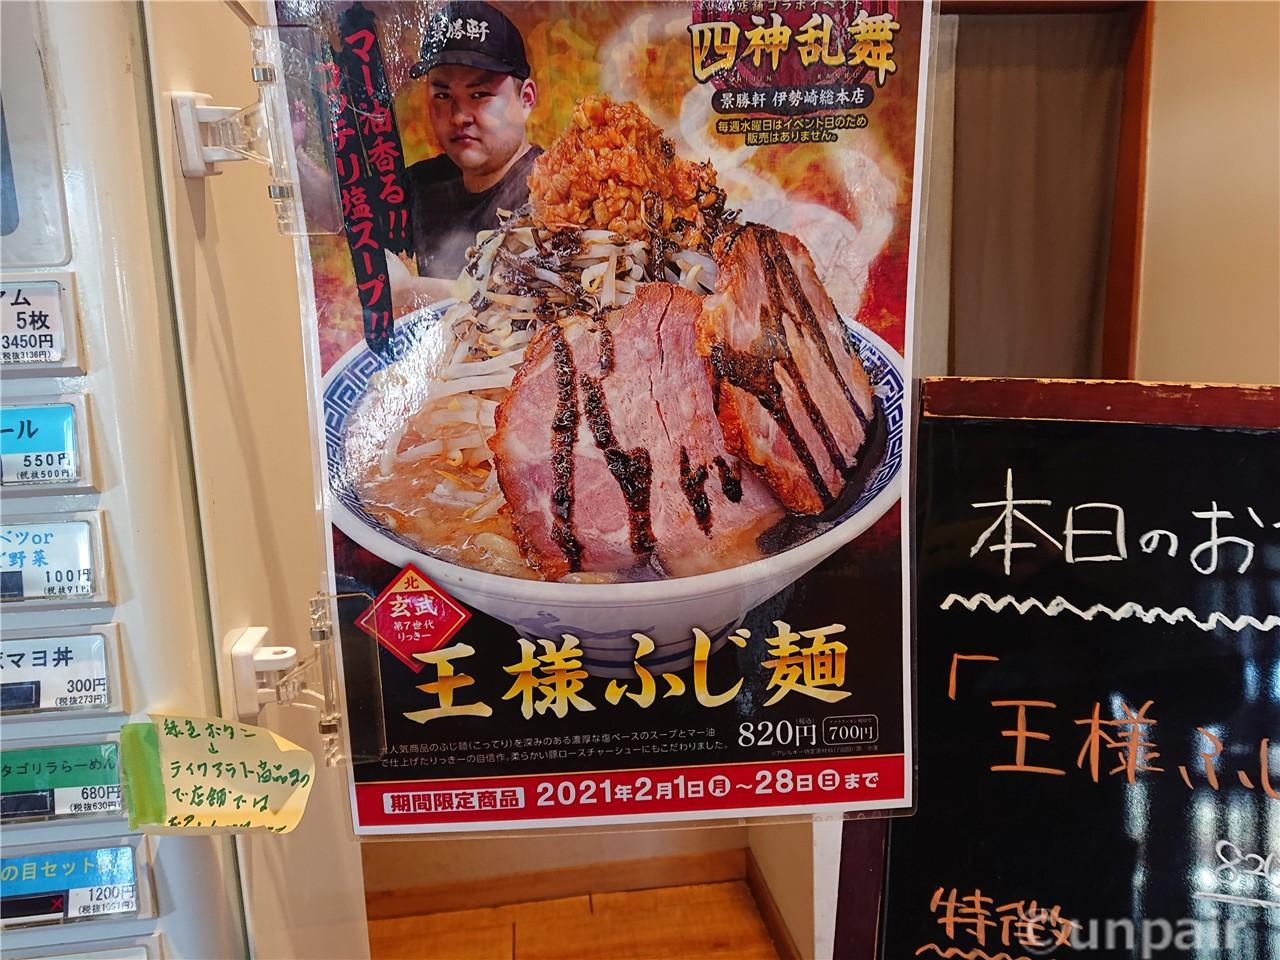 王様ふじ麺